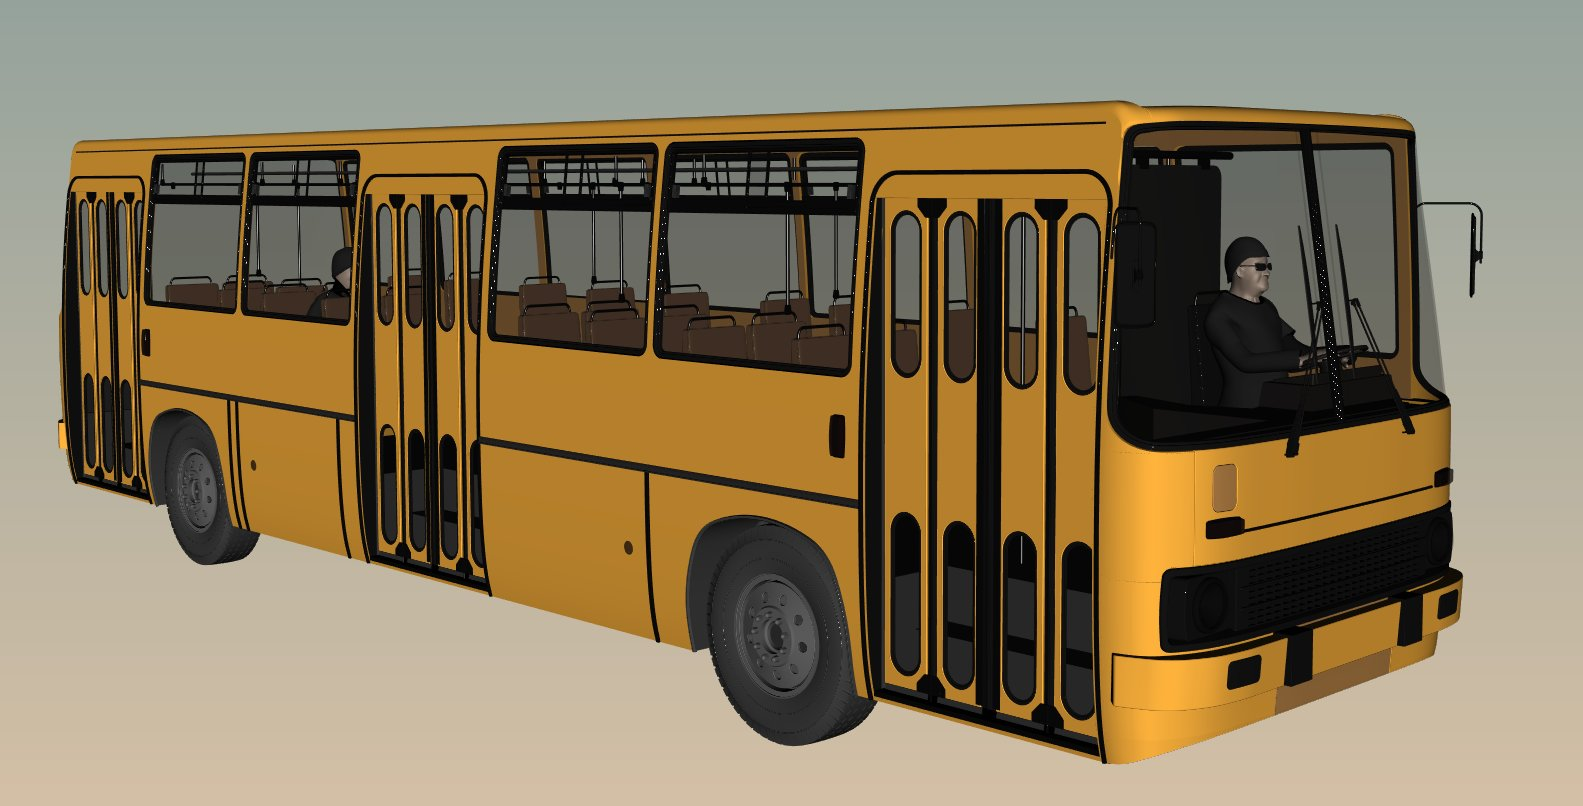 Assets #3: Buss